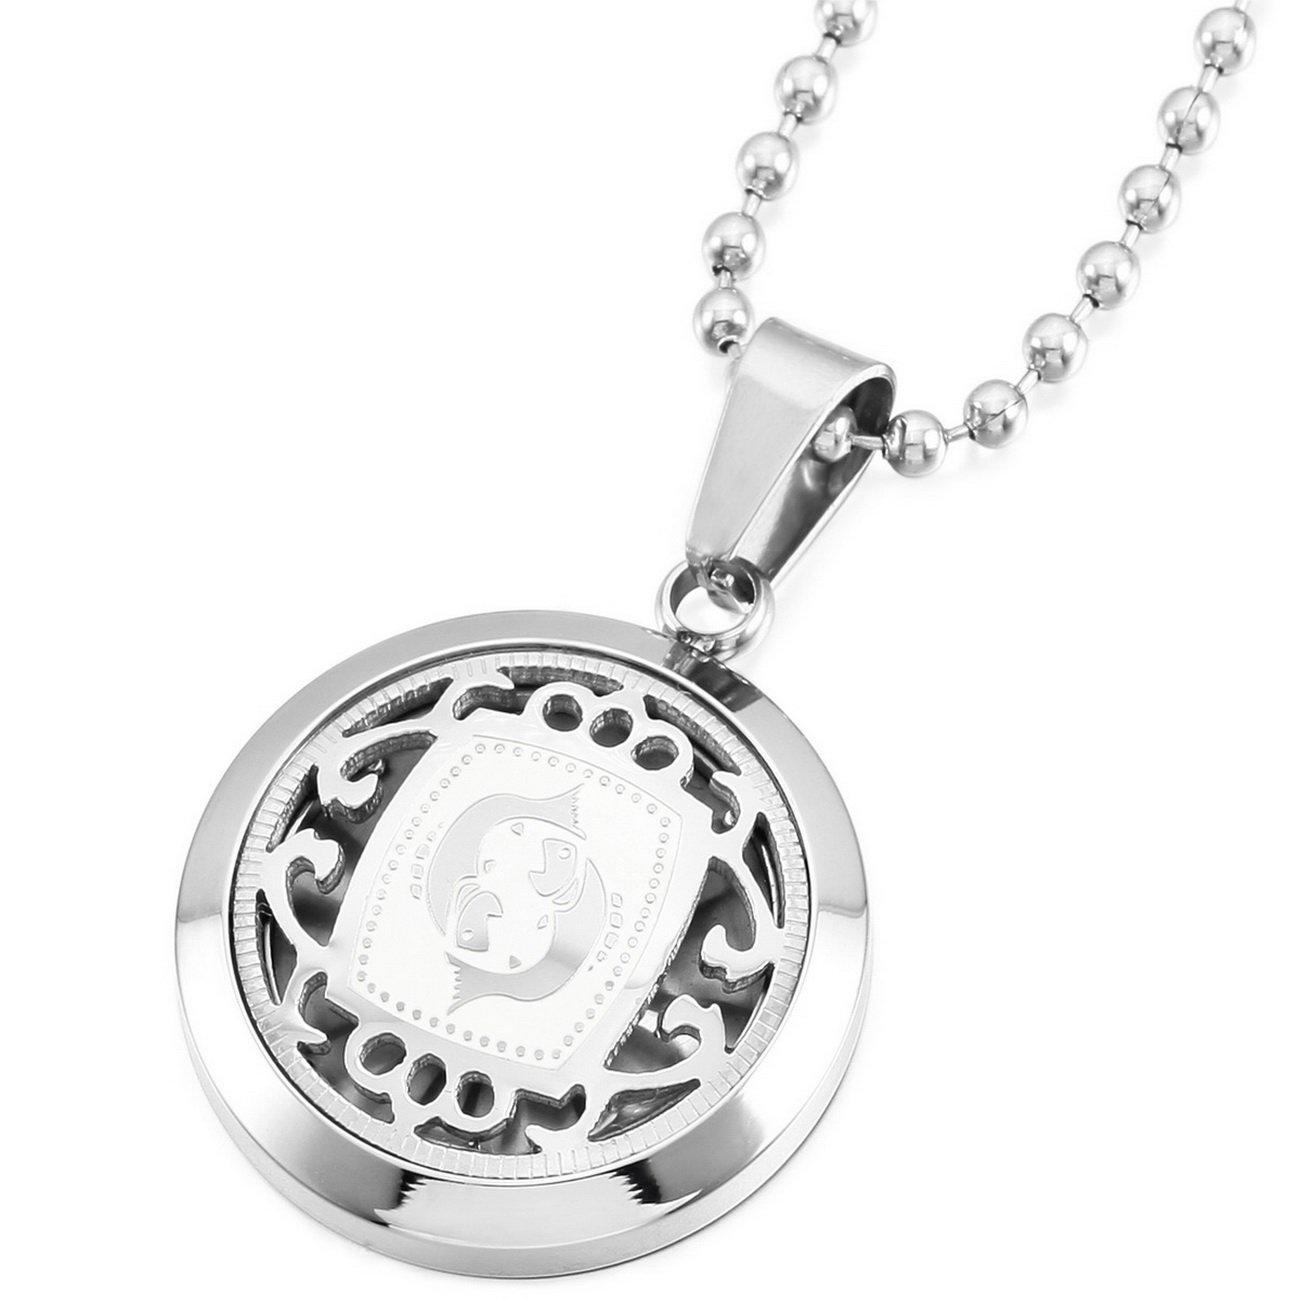 MeMeDIY Silber Ton Edelstahl Anhänger Halskette Horoskop Tierkreis Sternzeichen,mit 58cm Kette Gravur de3030203-08